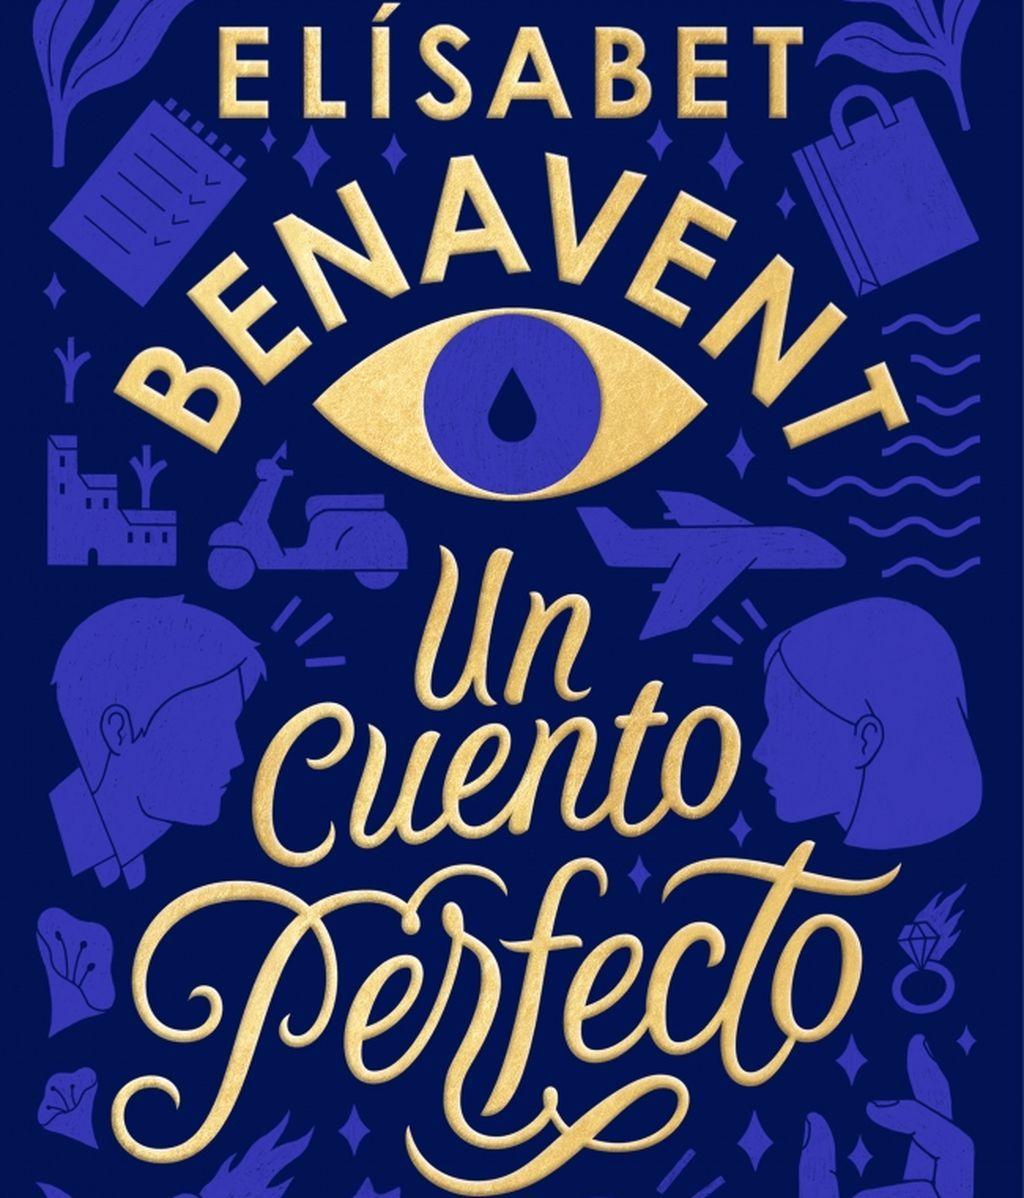 UN CUENTO PERFECTO_Elisabet Benavent